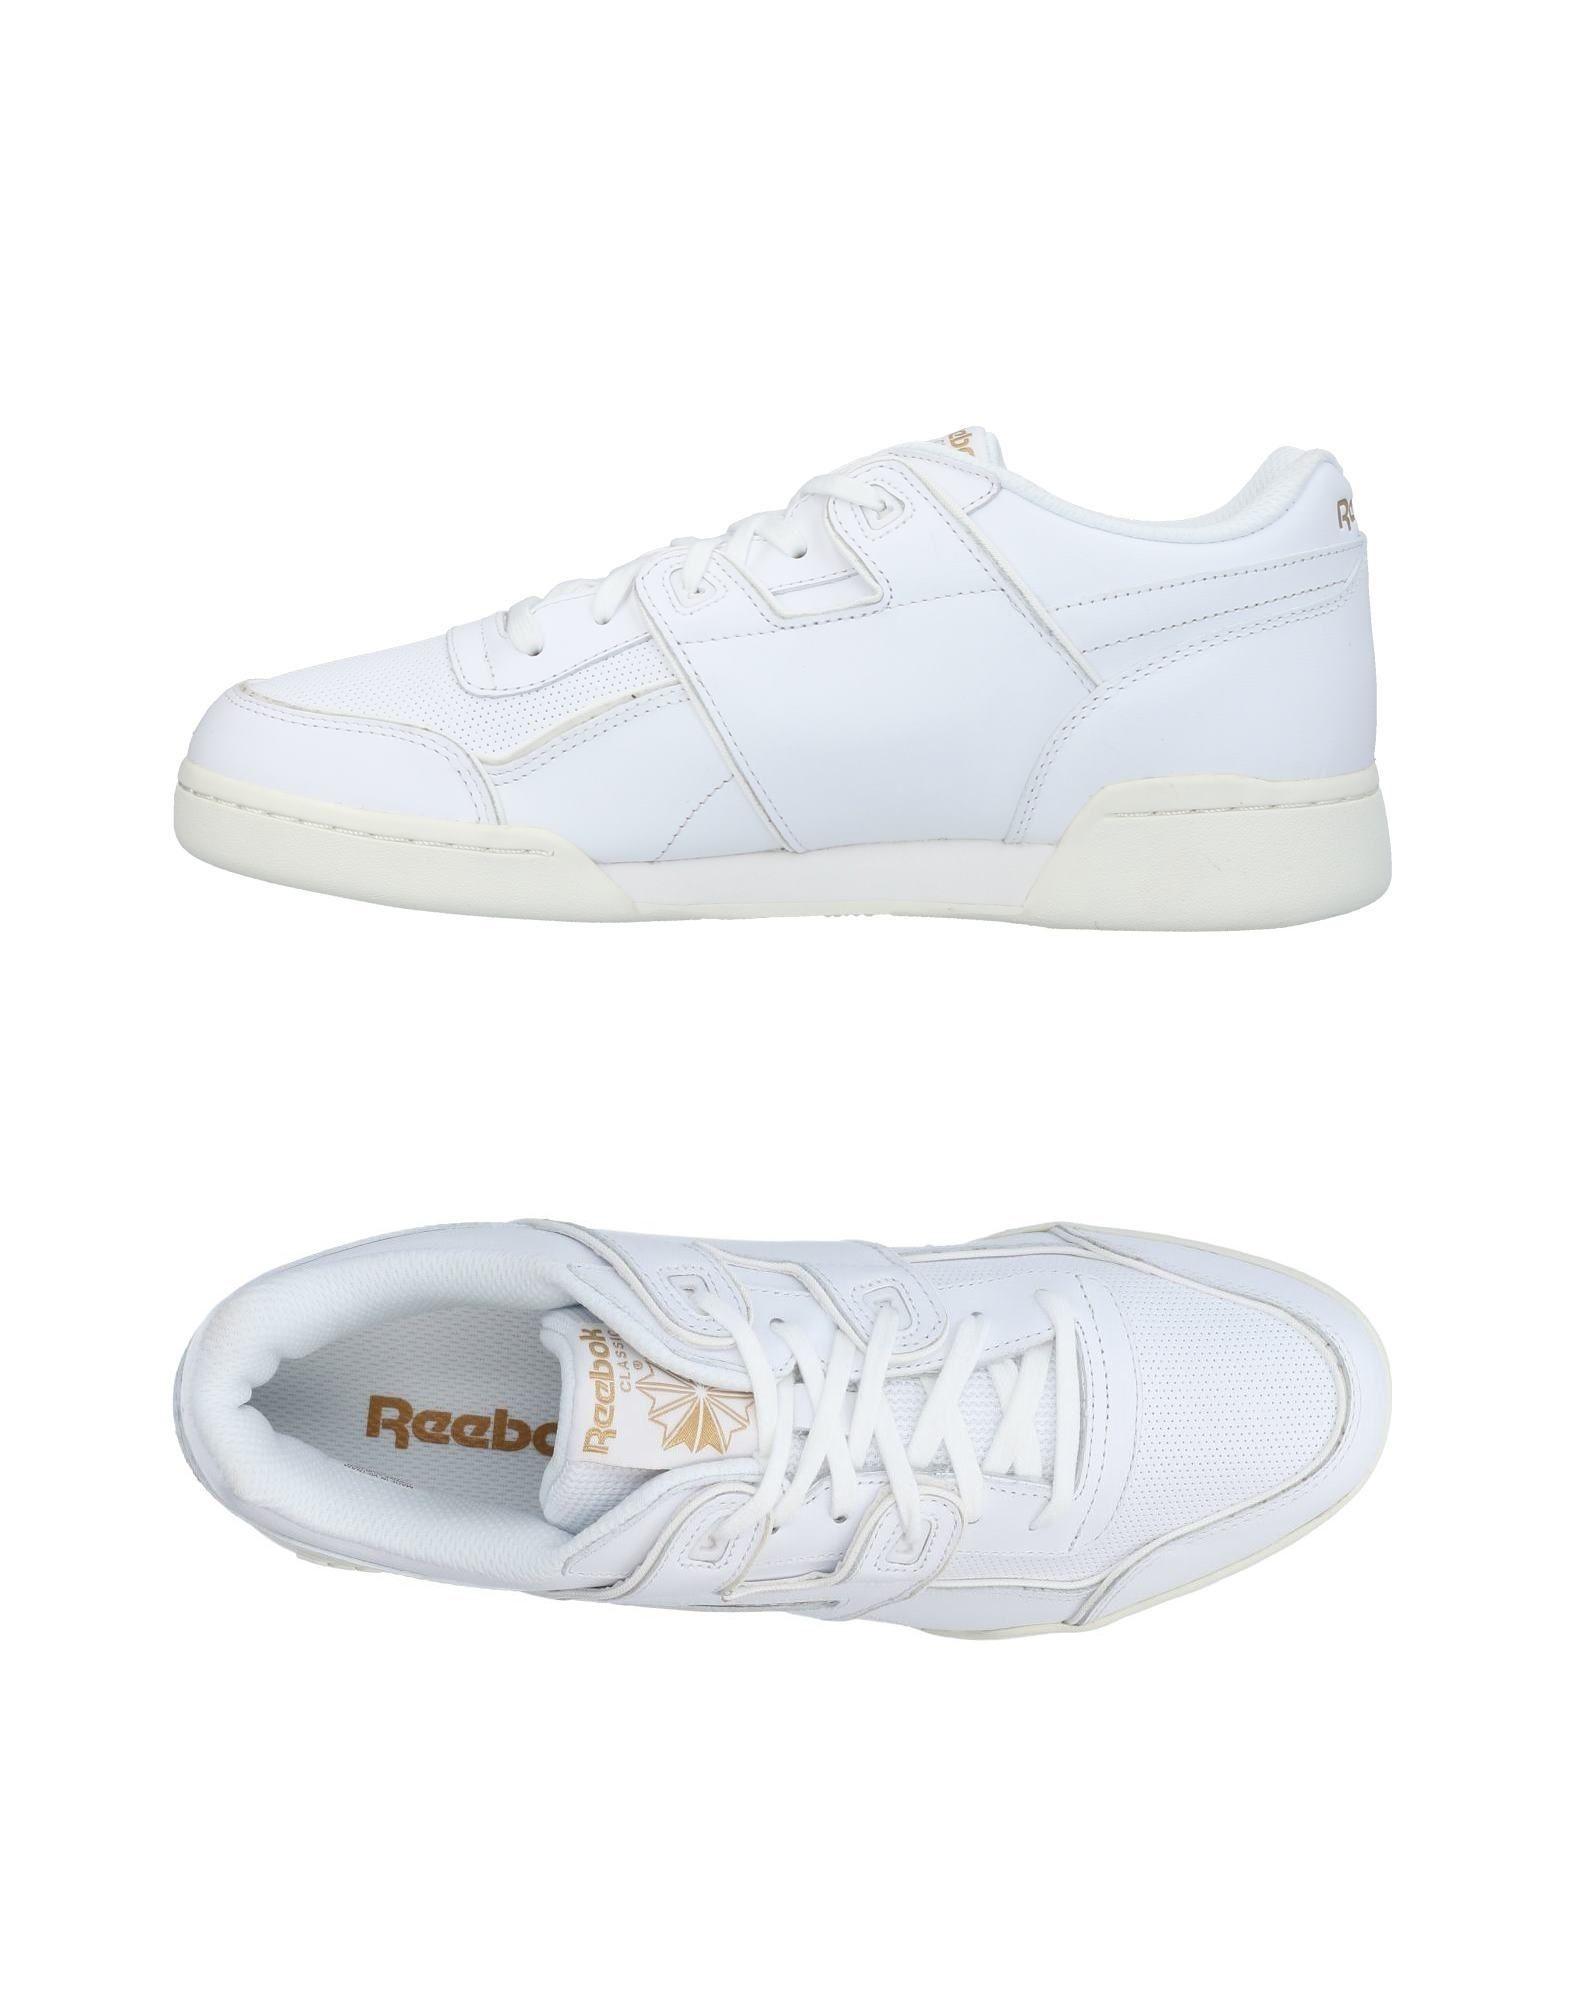 Rabatt echte  Schuhe Reebok Sneakers Herren  echte 11454817TP 853619